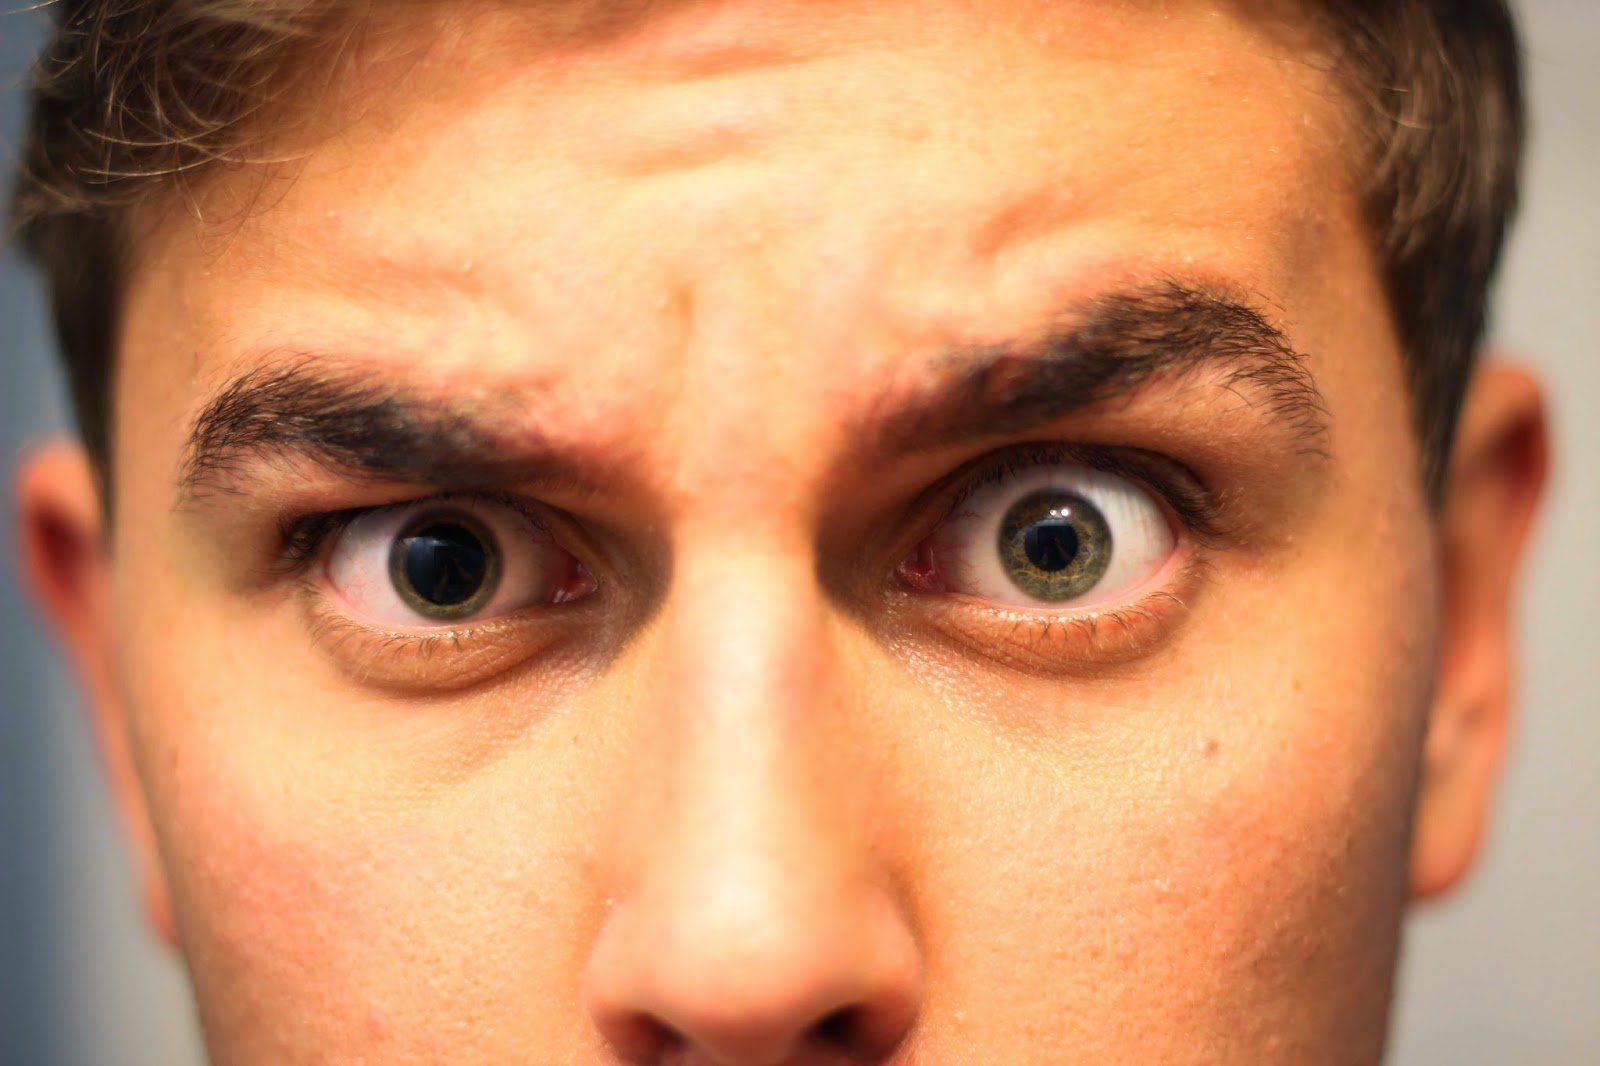 Колобома глаза: виды, лечение, причины и симптомы